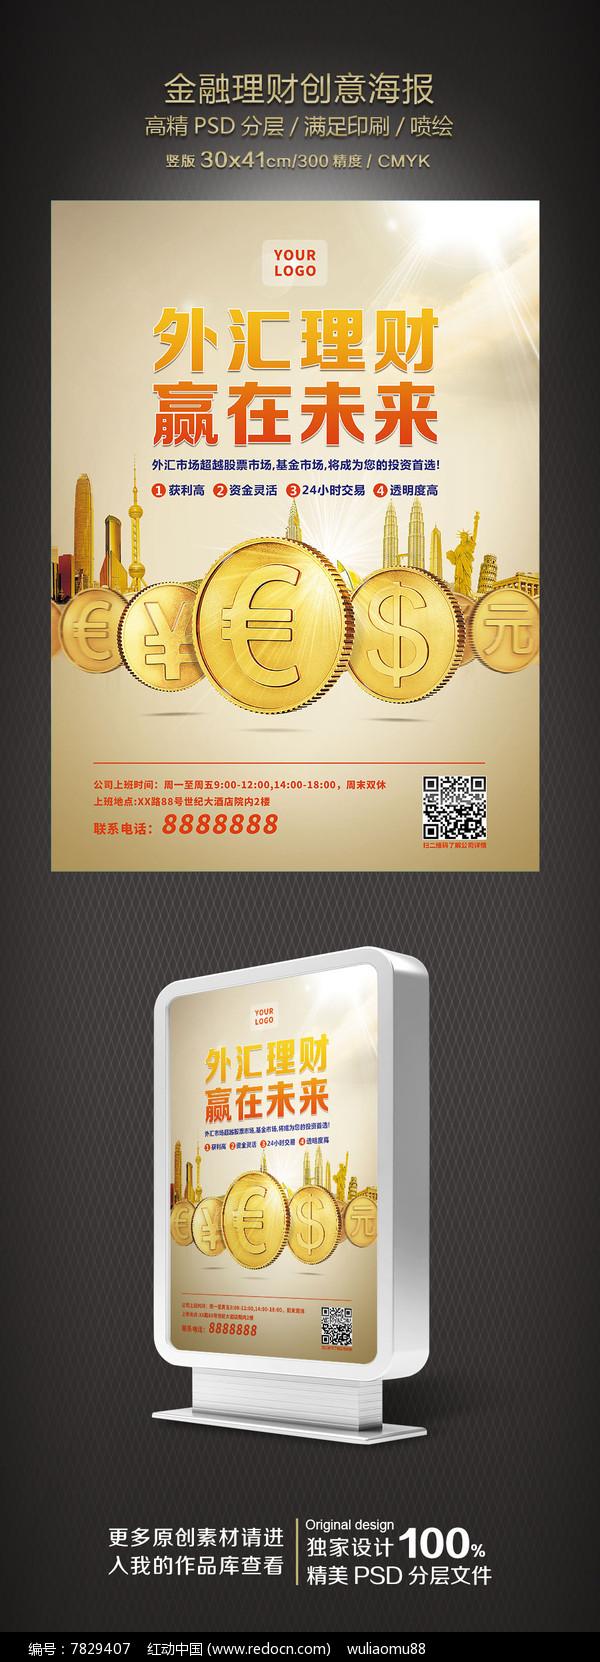 金融理财产品宣传海报模版图片